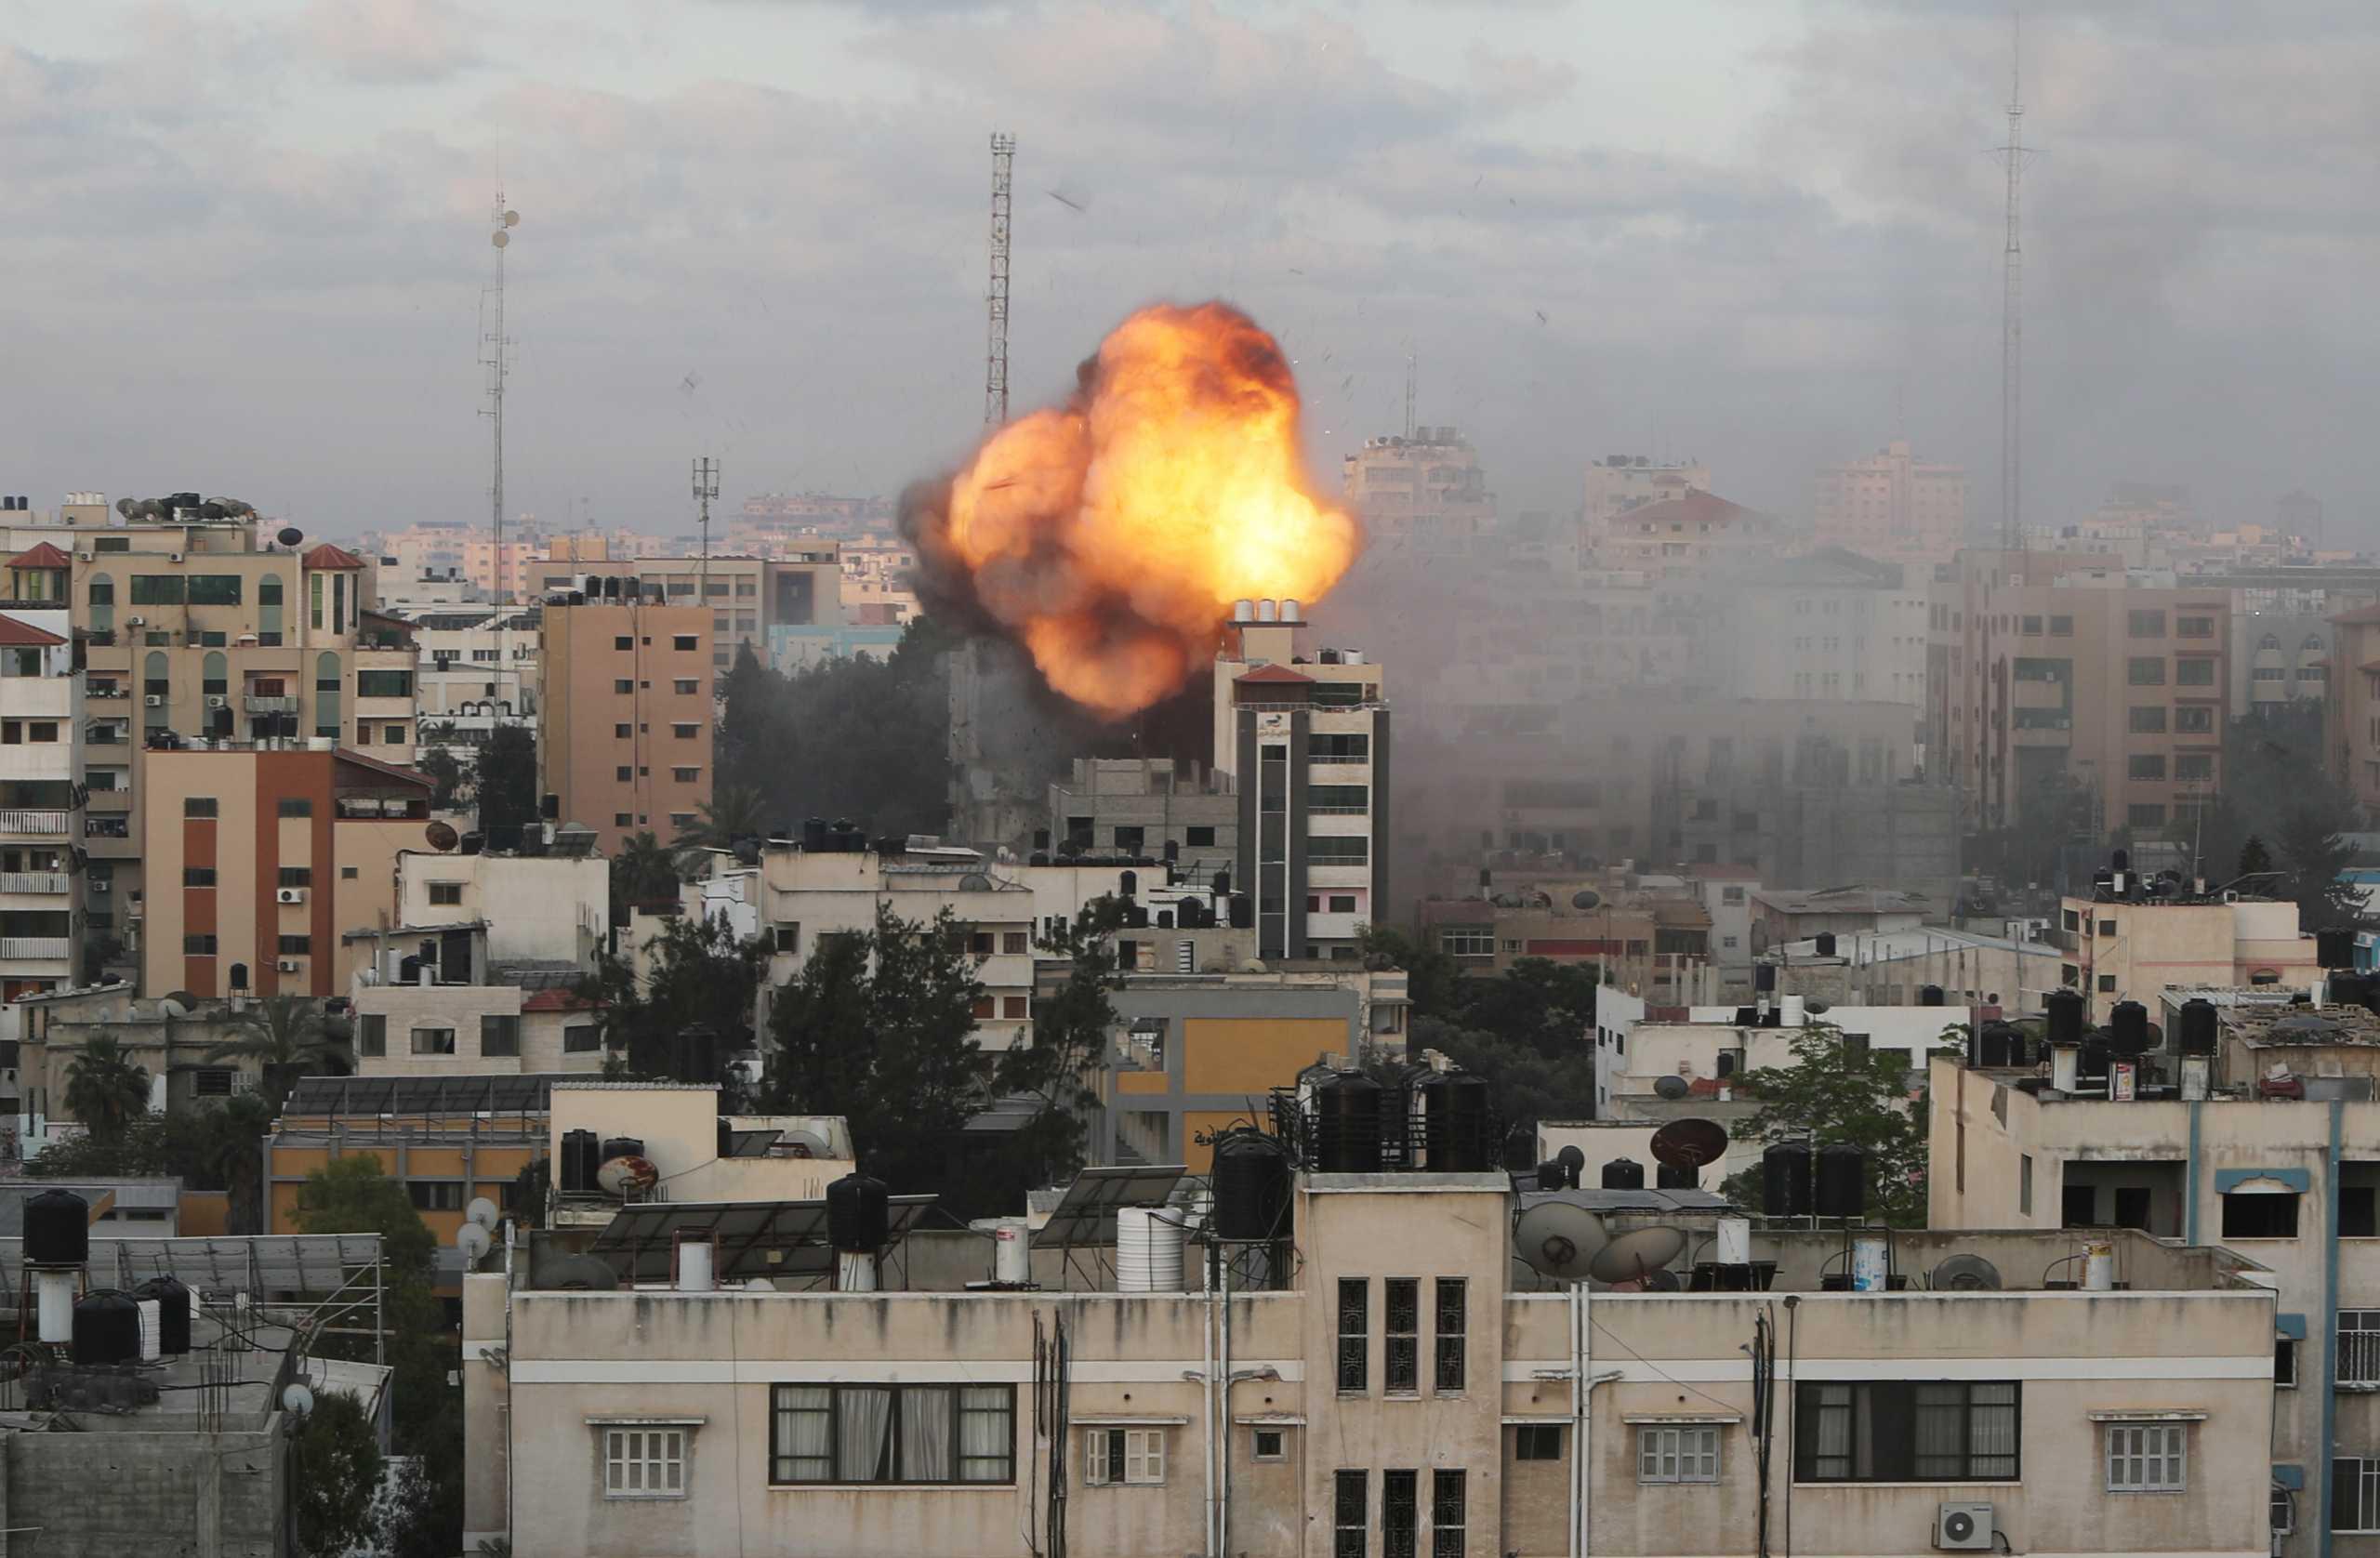 Λωρίδα της Γάζας: Η Γαλλία κατέθεσε σχέδιο απόφασης στον ΟΗΕ – «Όχι» και πάλι από τις ΗΠΑ